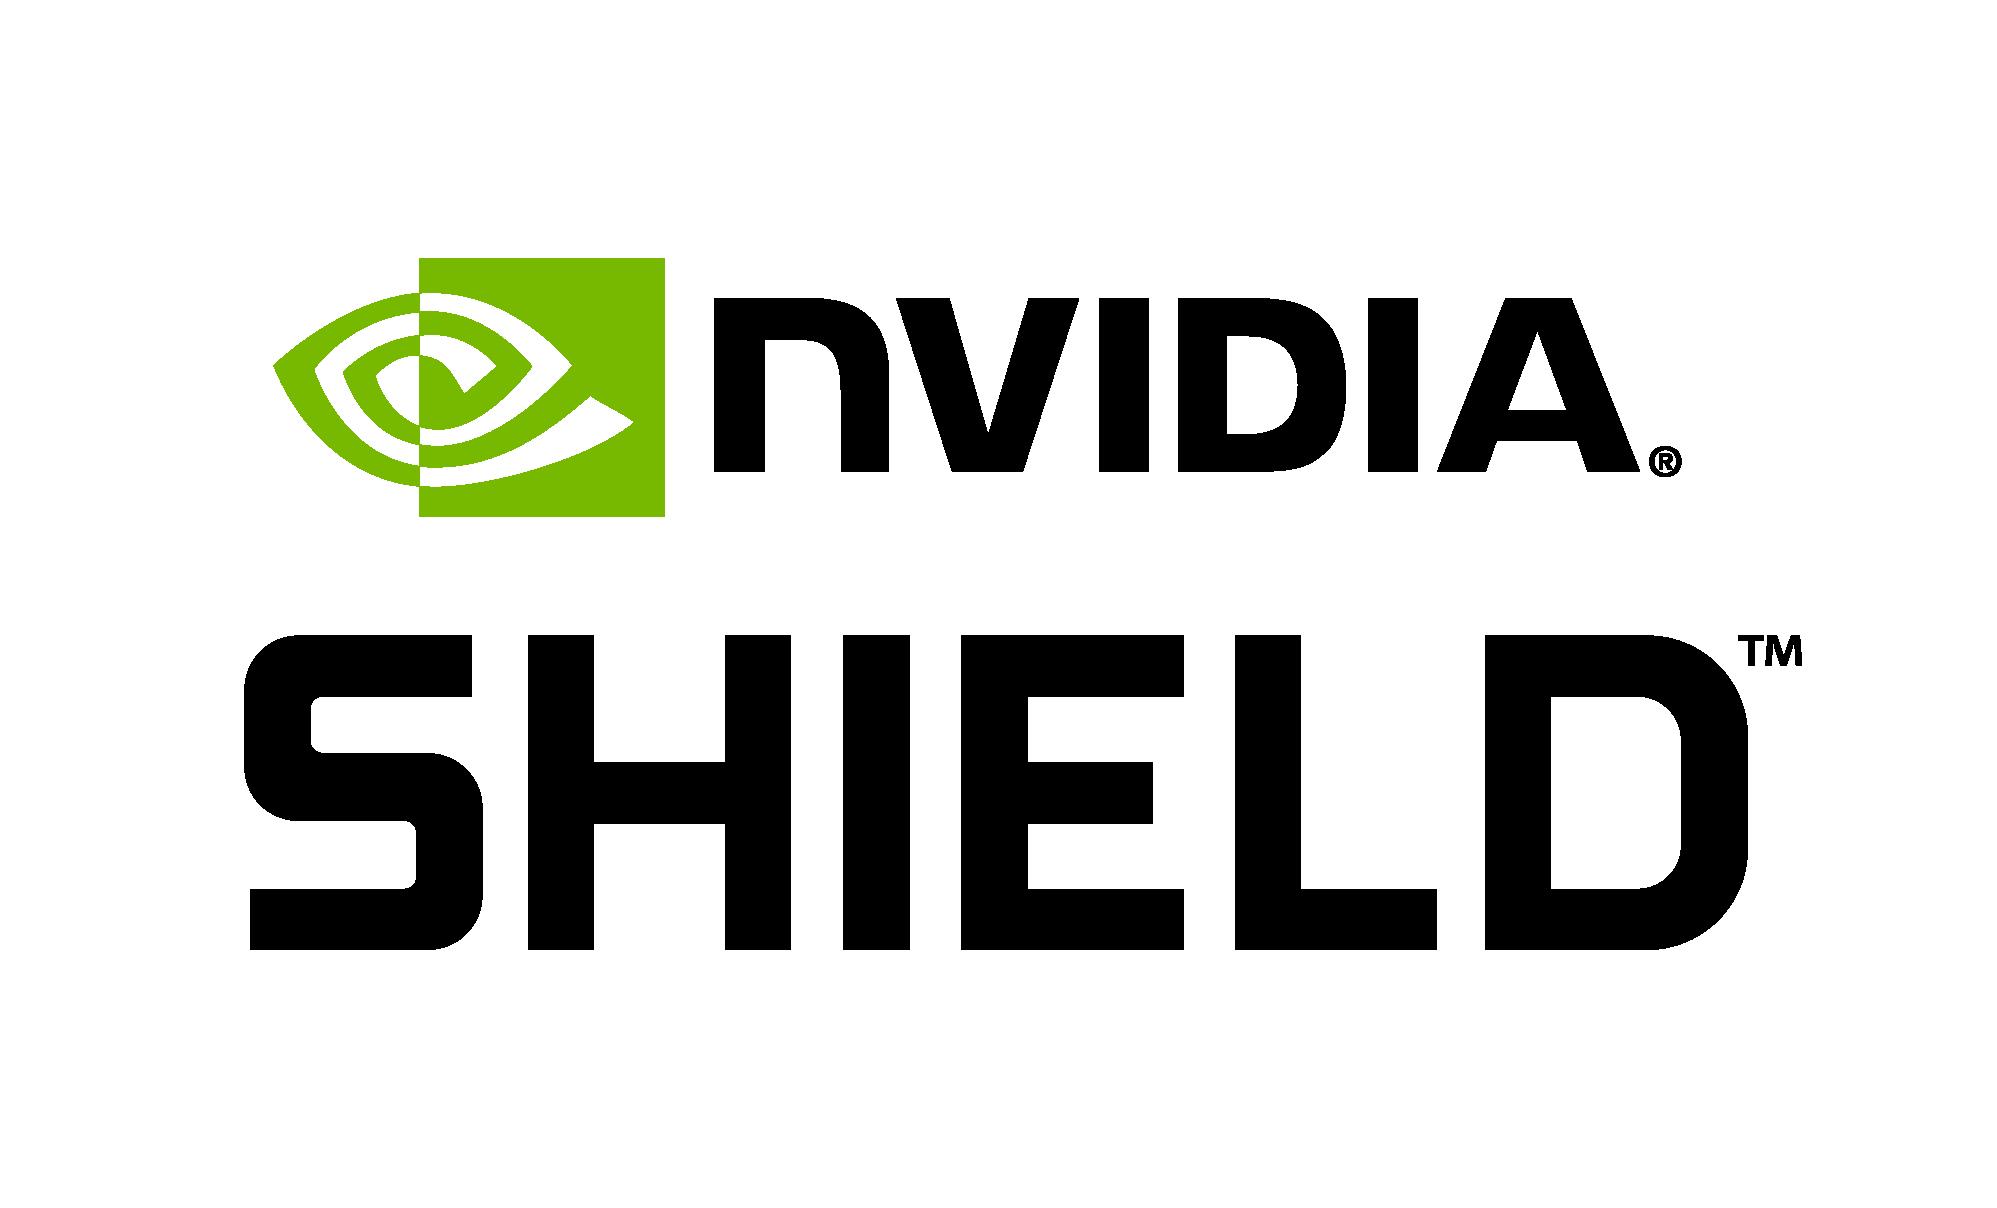 NVIDIA-SHIELD-logo